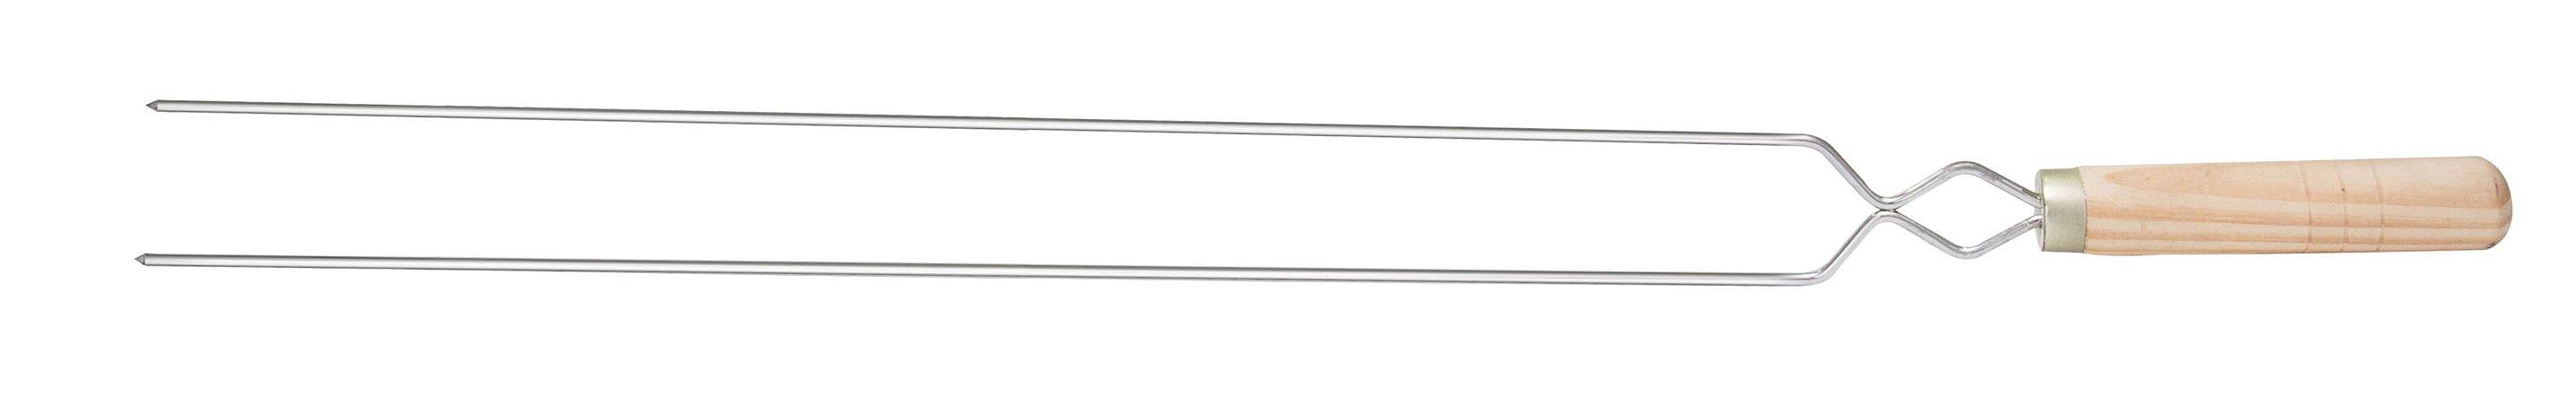 Espeto Duplo Médio 65cm Cromado